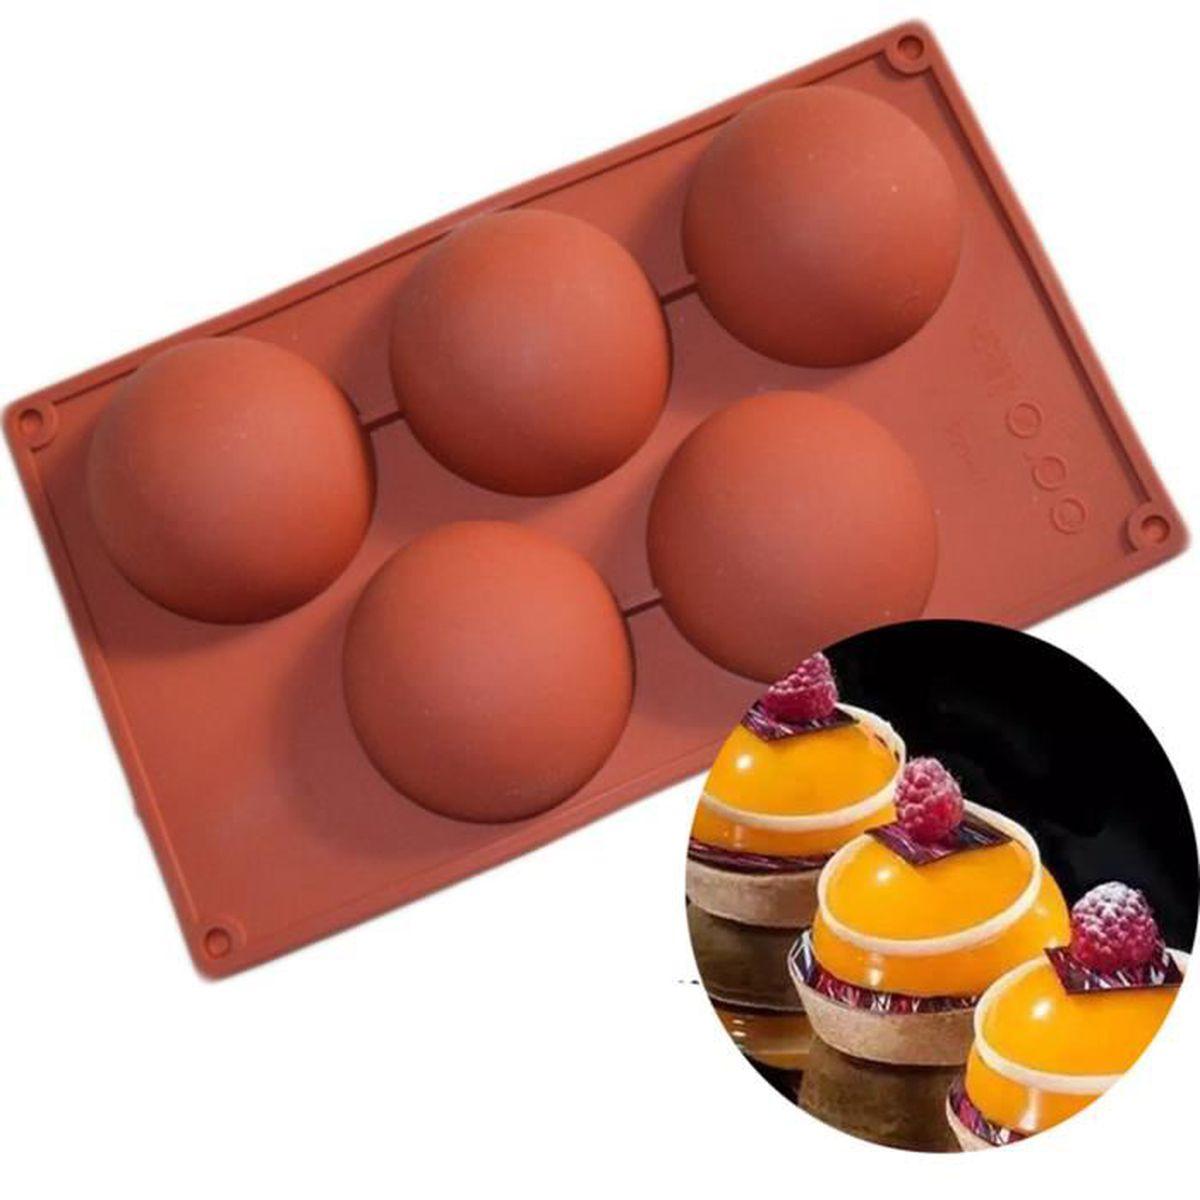 Silicone Noël Chocolat Moule Bac à glaçons Savon gâteau Biscuit moules decor